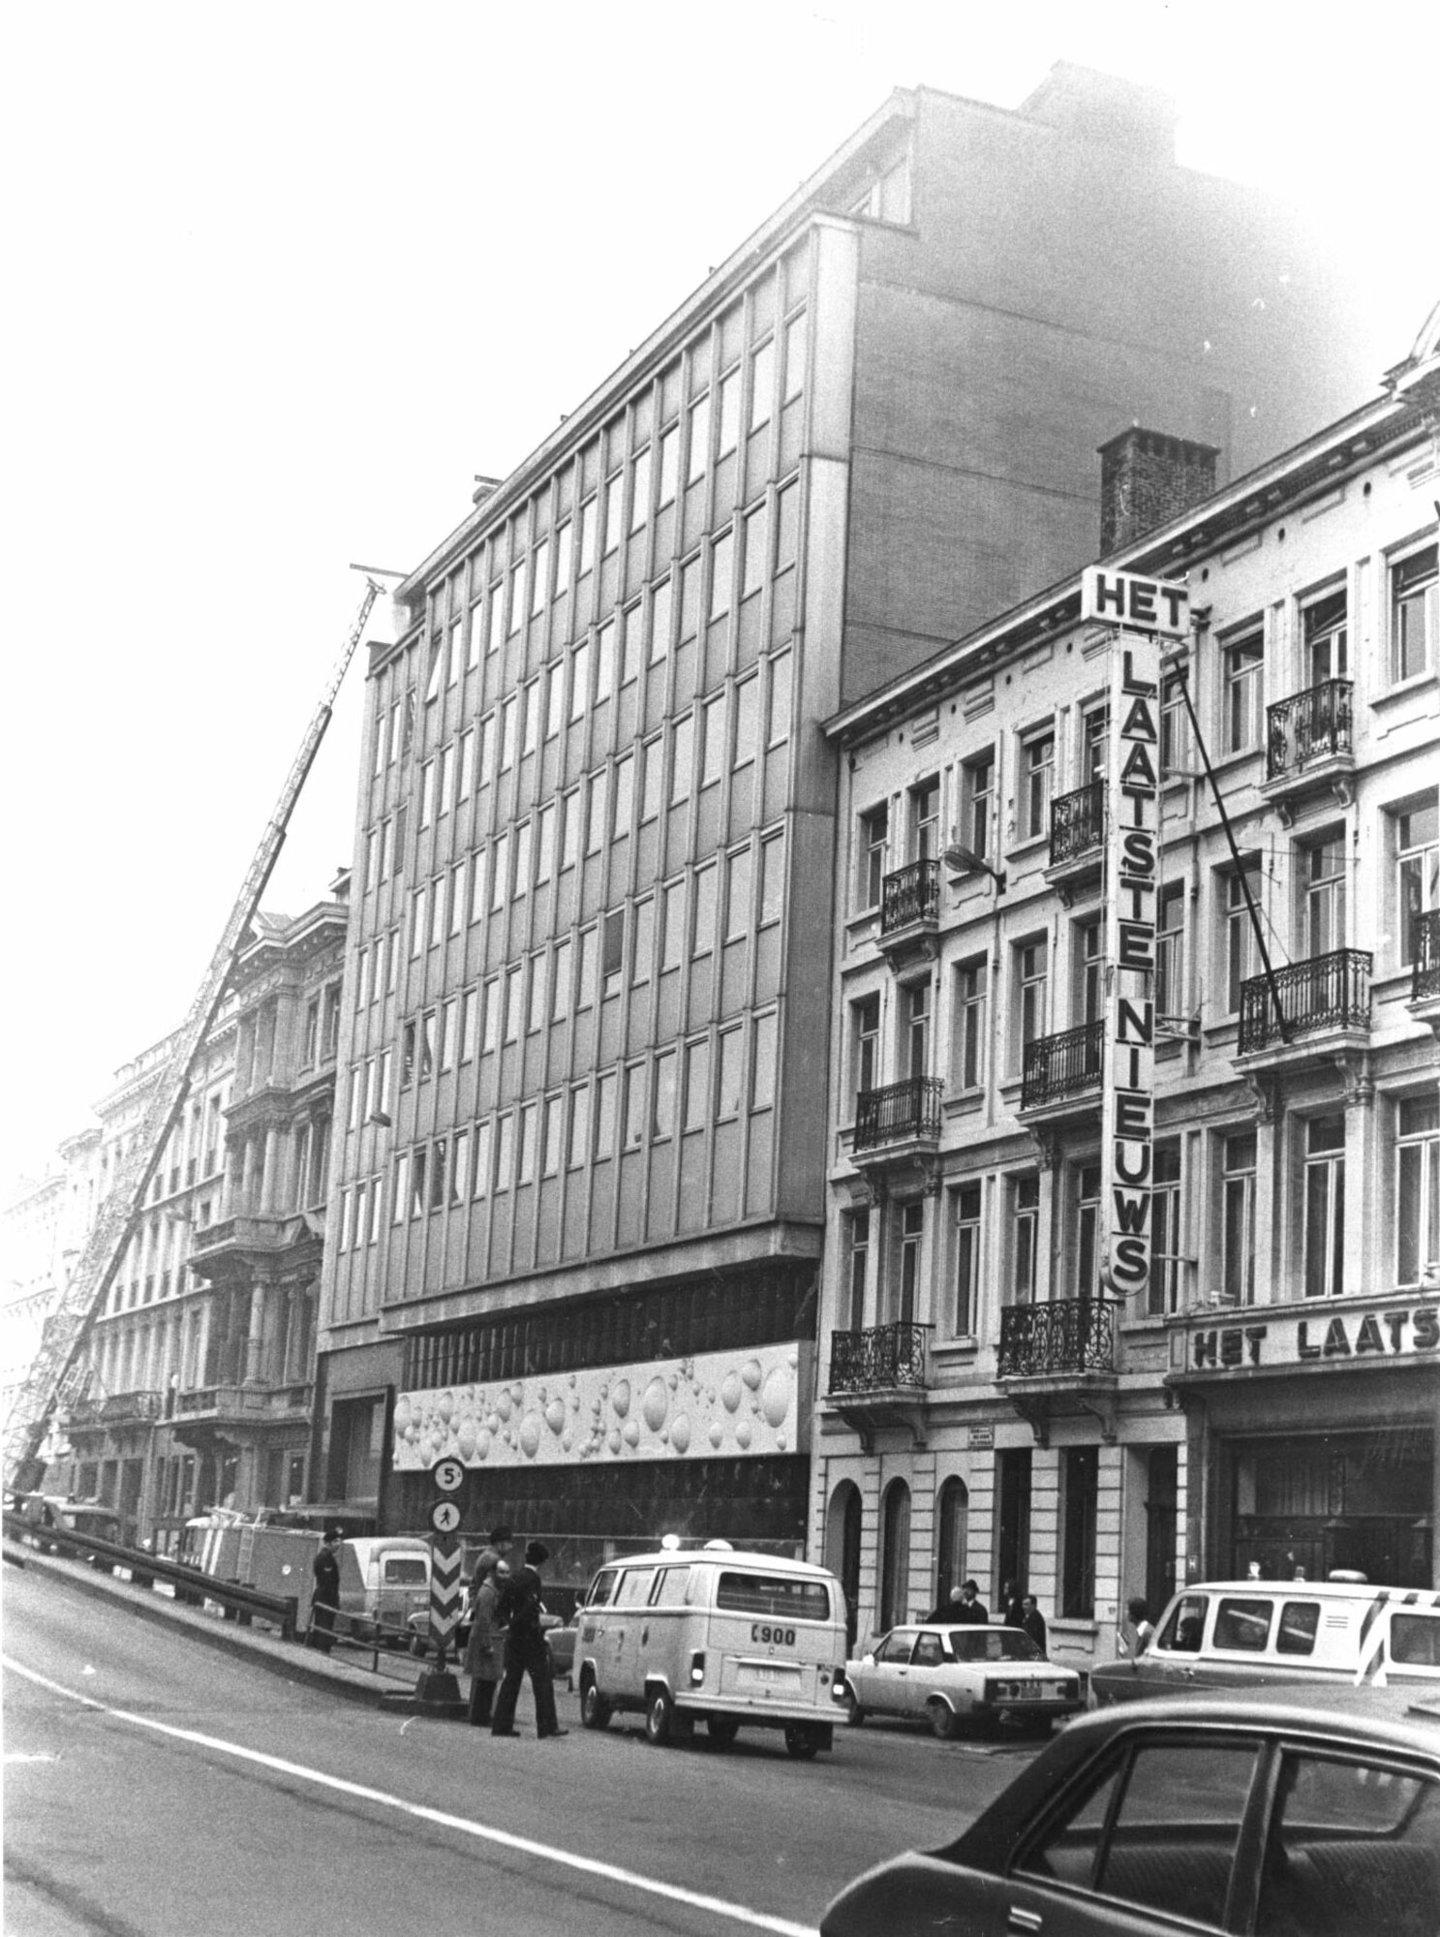 Buitenaanzicht van de gebouwen van de krant Het Laatste Nieuws te Brussel